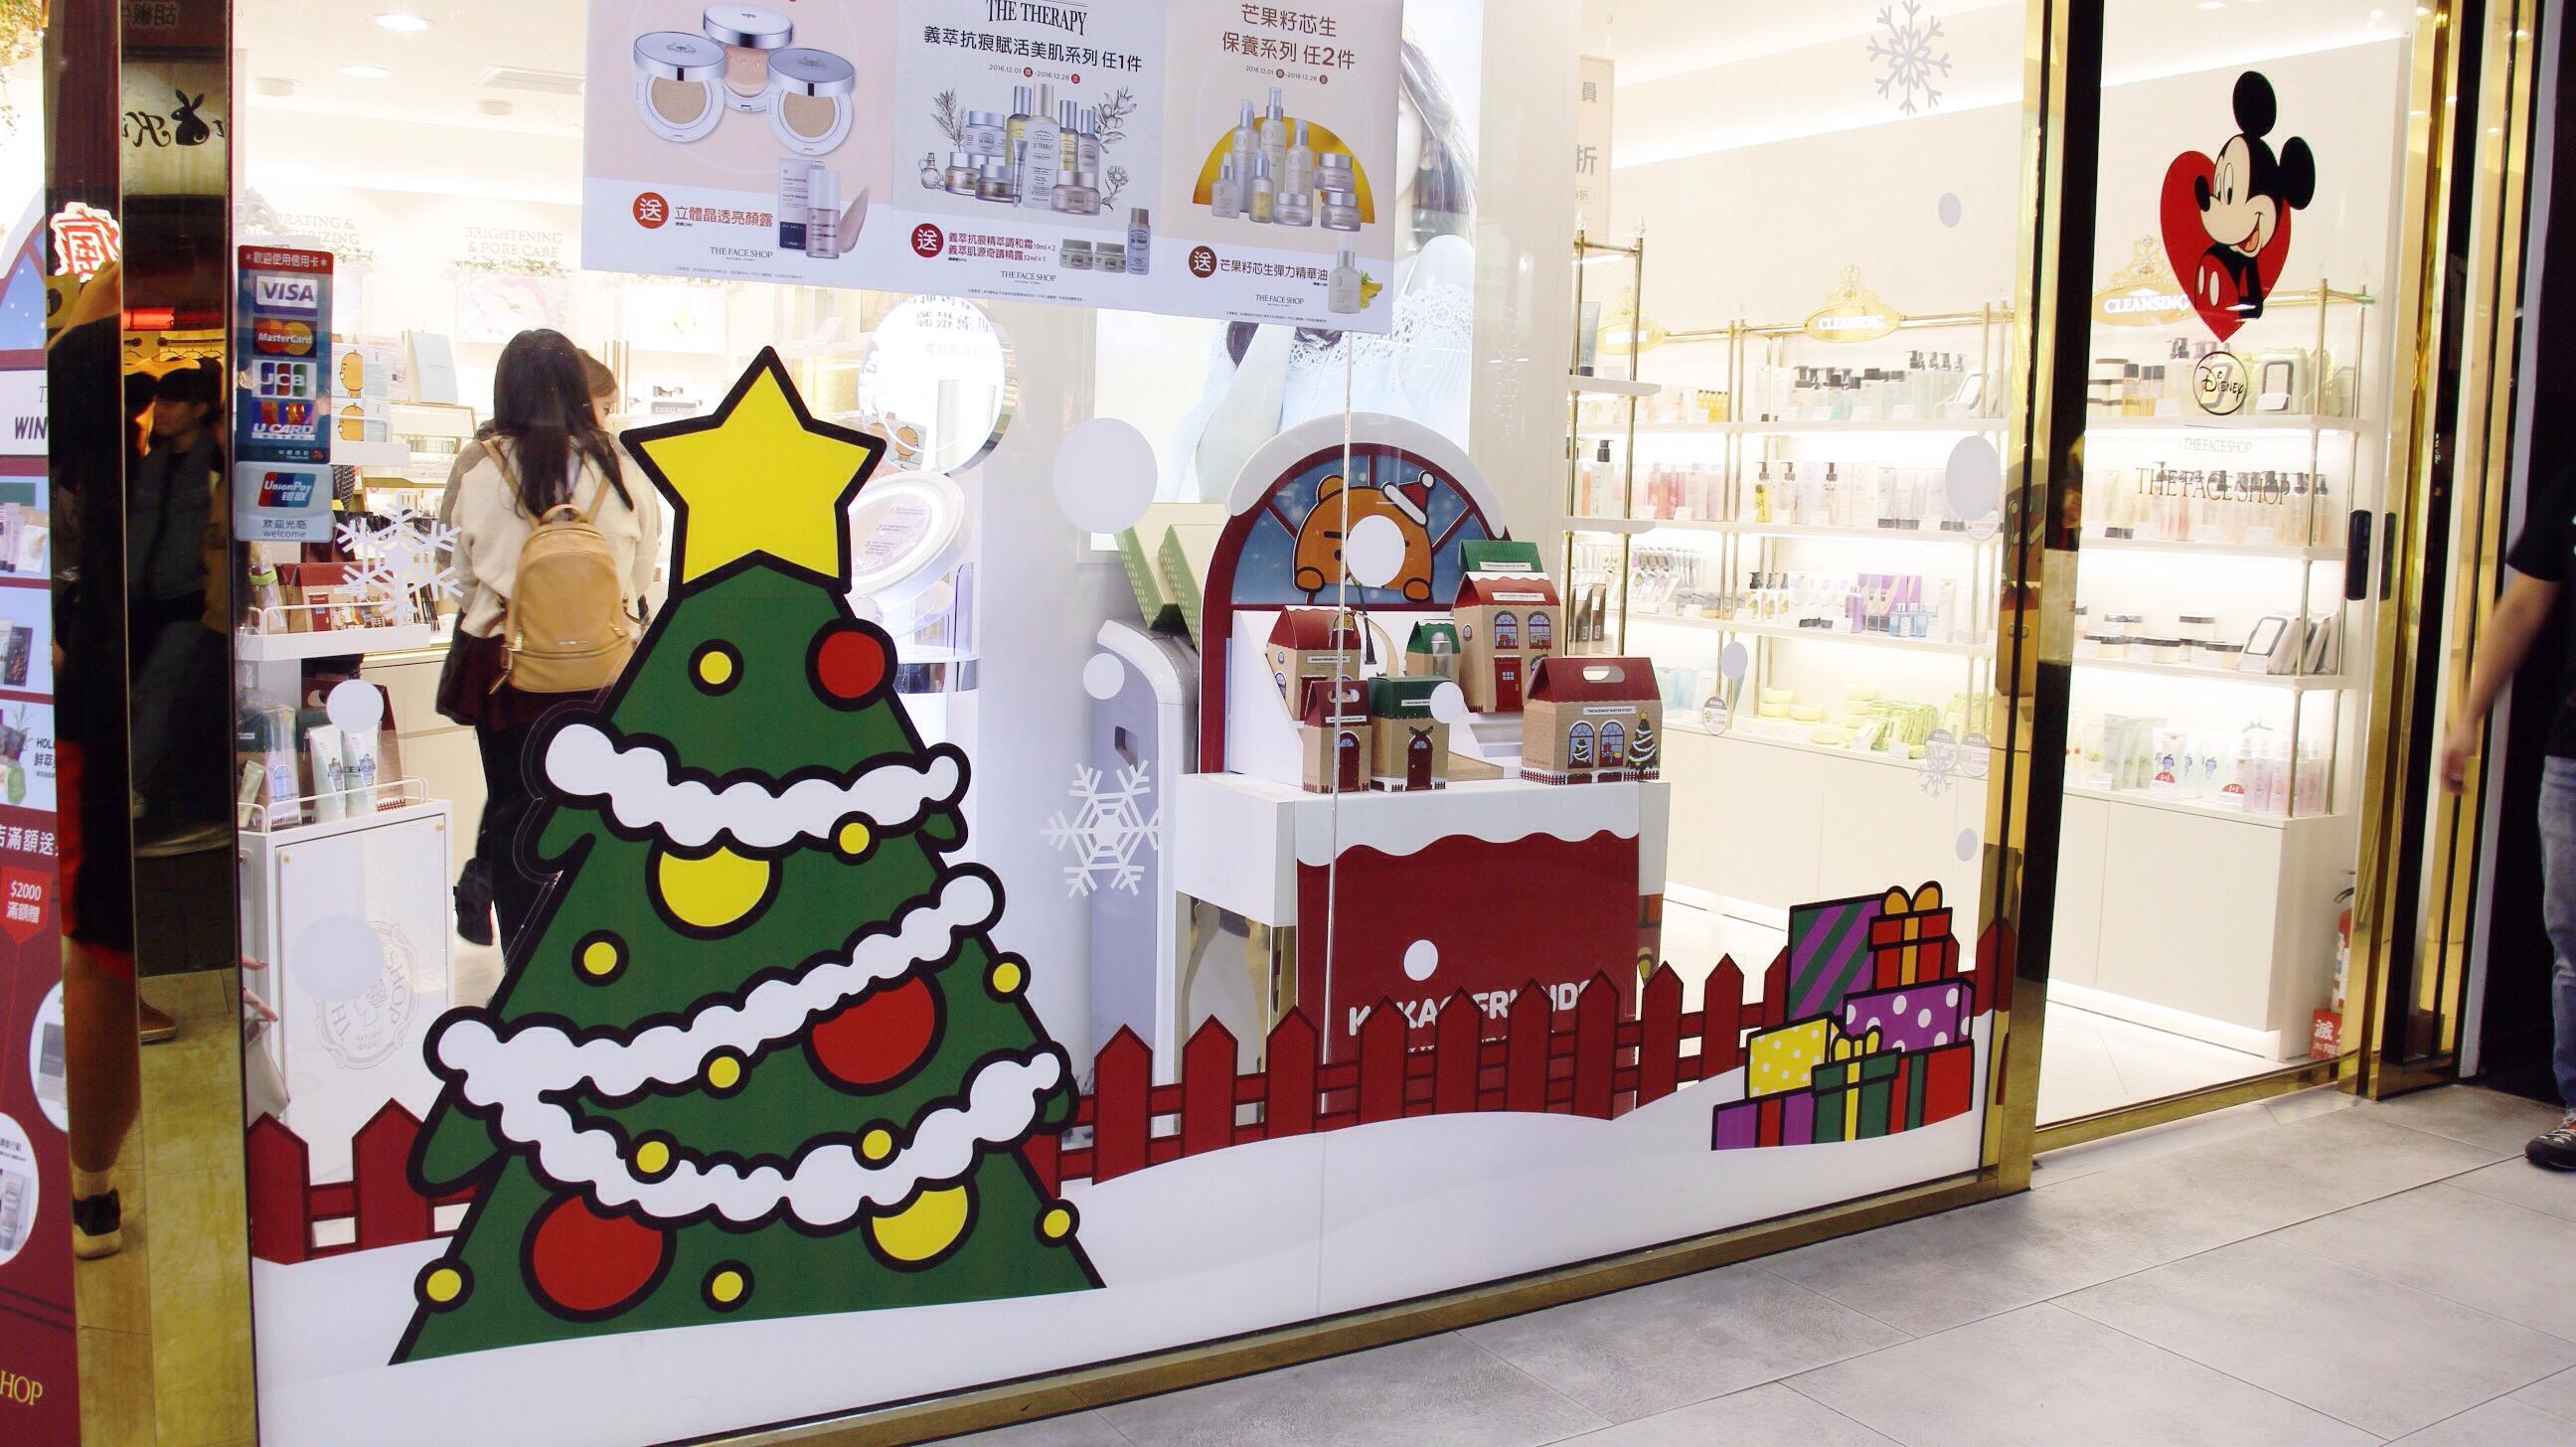 隨聖誕節來臨,店家多會在櫥窗做裝飾吸引消費者,增加聖誕商品買氣。 攝影/張子怡